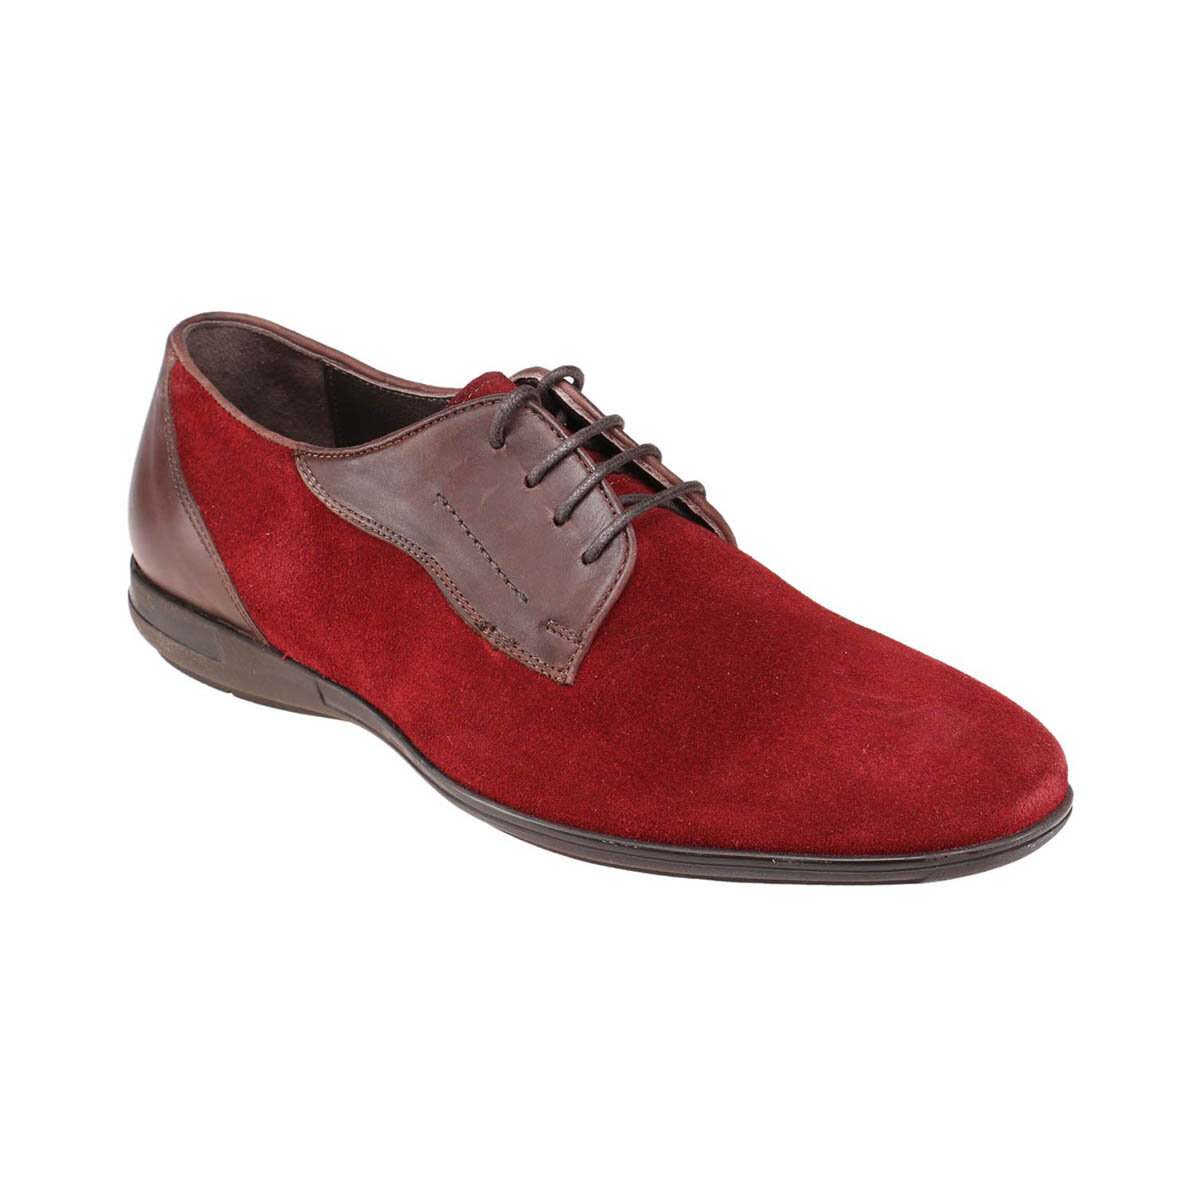 FLO KL-59123-2 M 1506 Borgoña zapatos clásicos para hombre JJ-Stiller